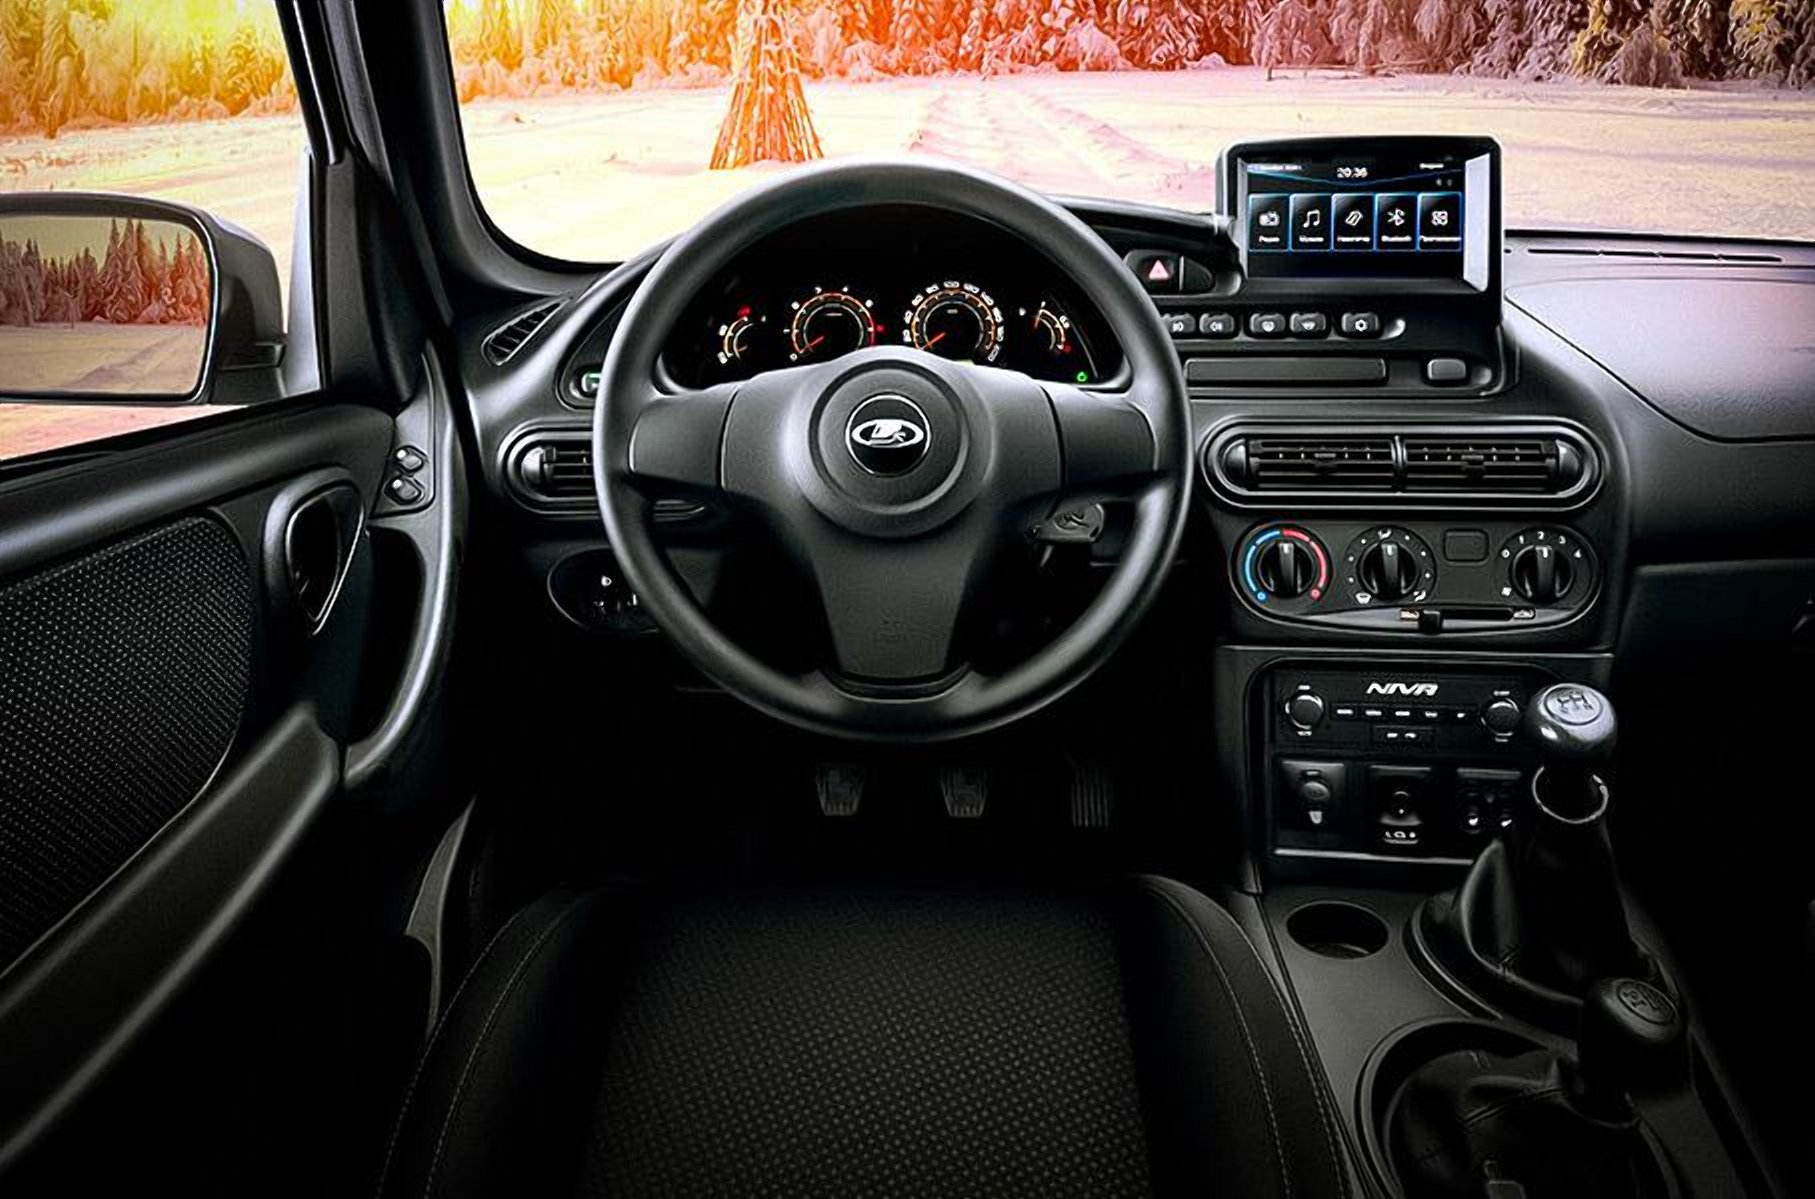 Lada Niva Travel в базовой комплектации будет стоить 280 000 грн